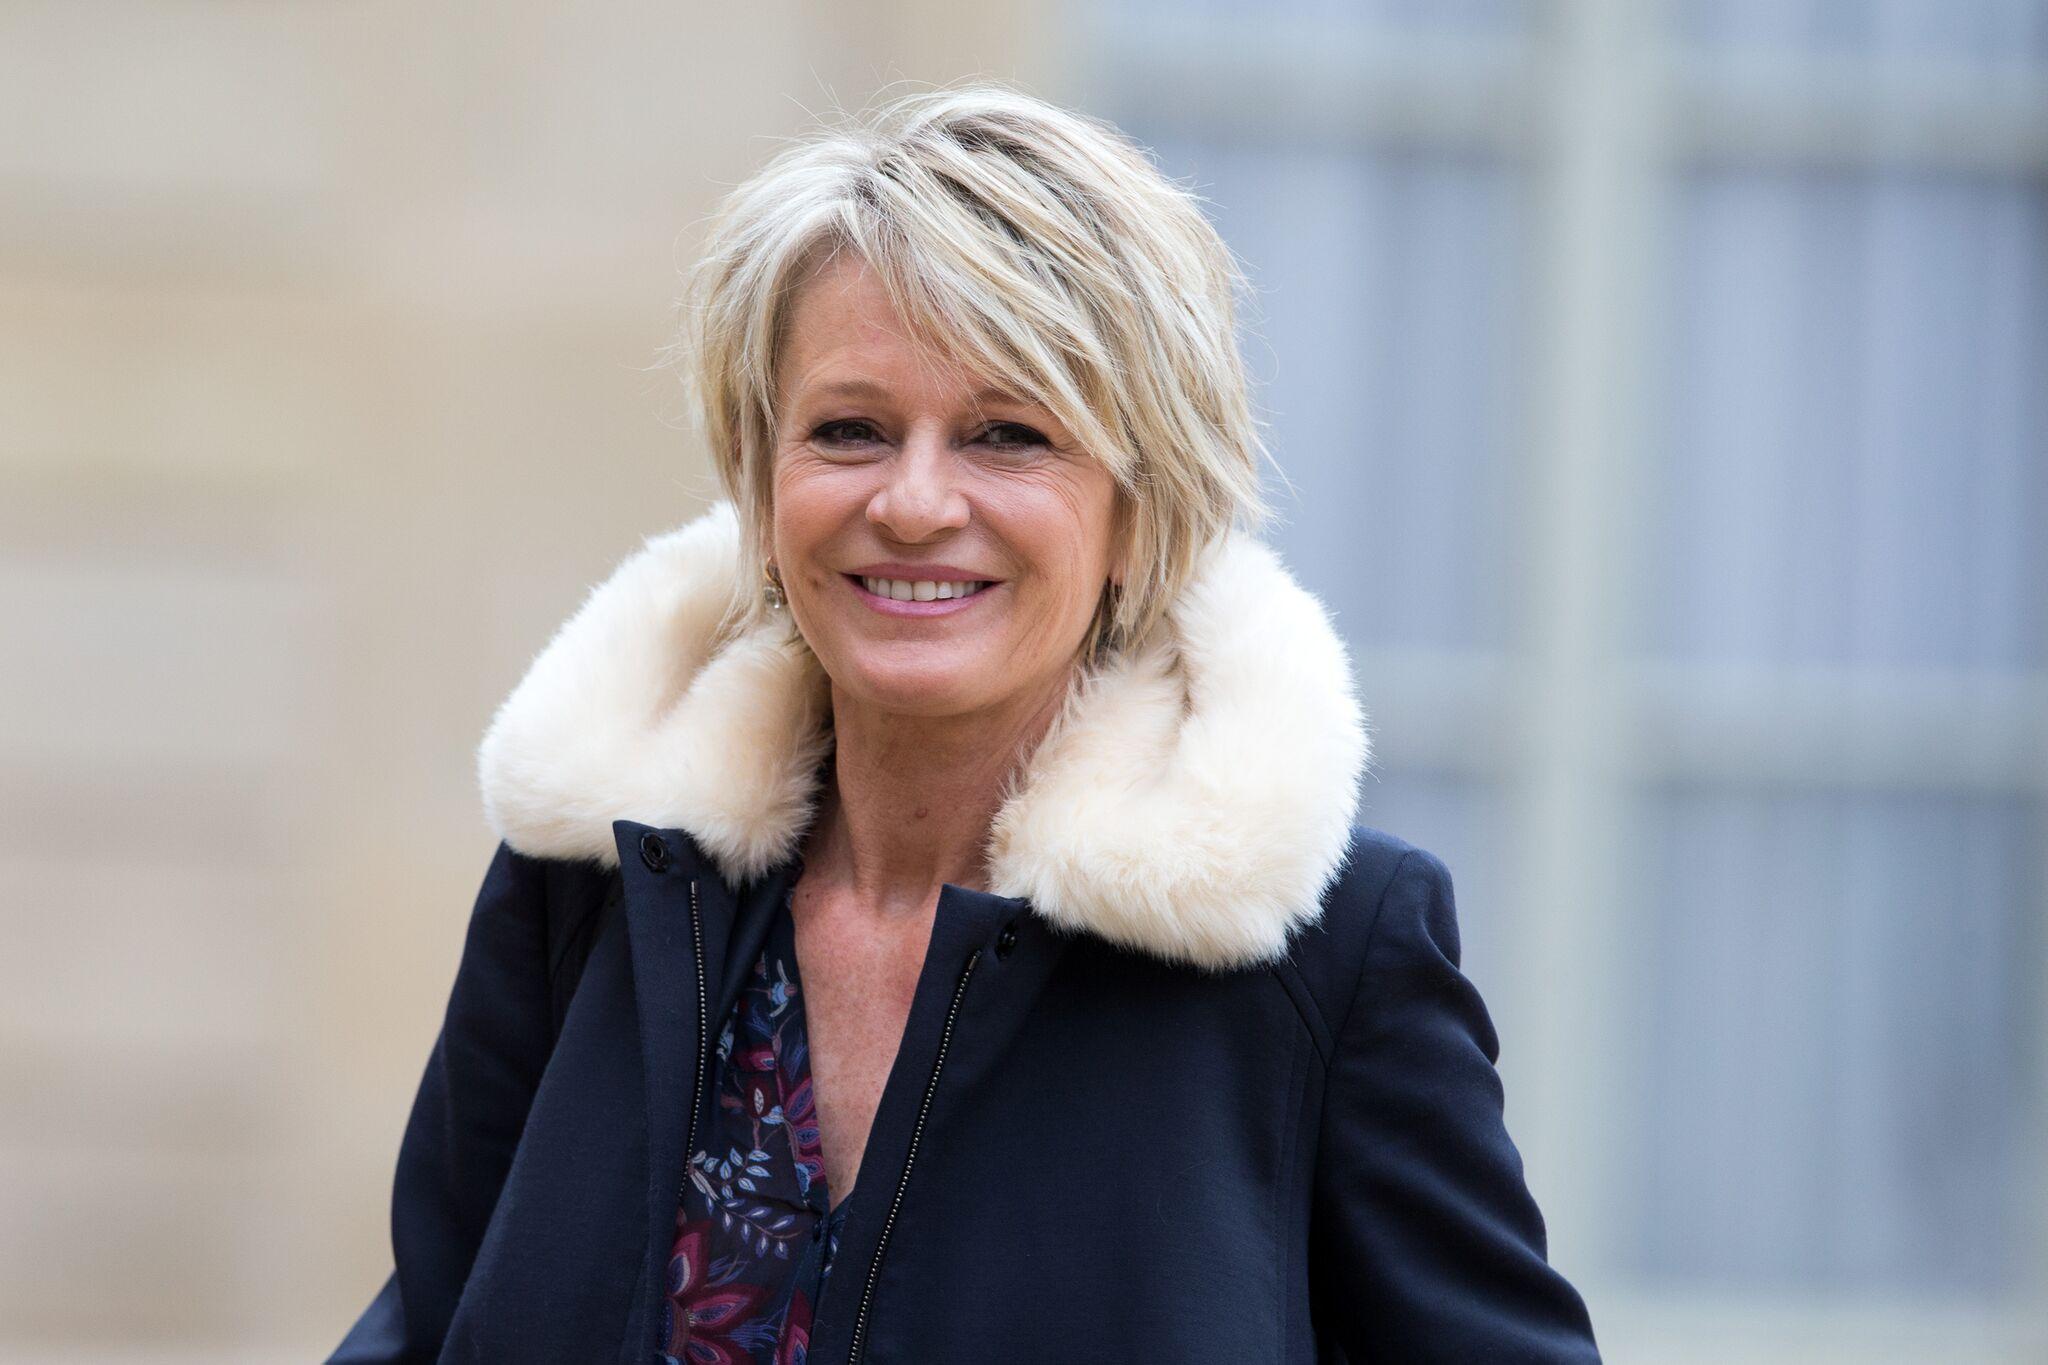 La présentatrice Sophie Davant. l Source : Getty Images